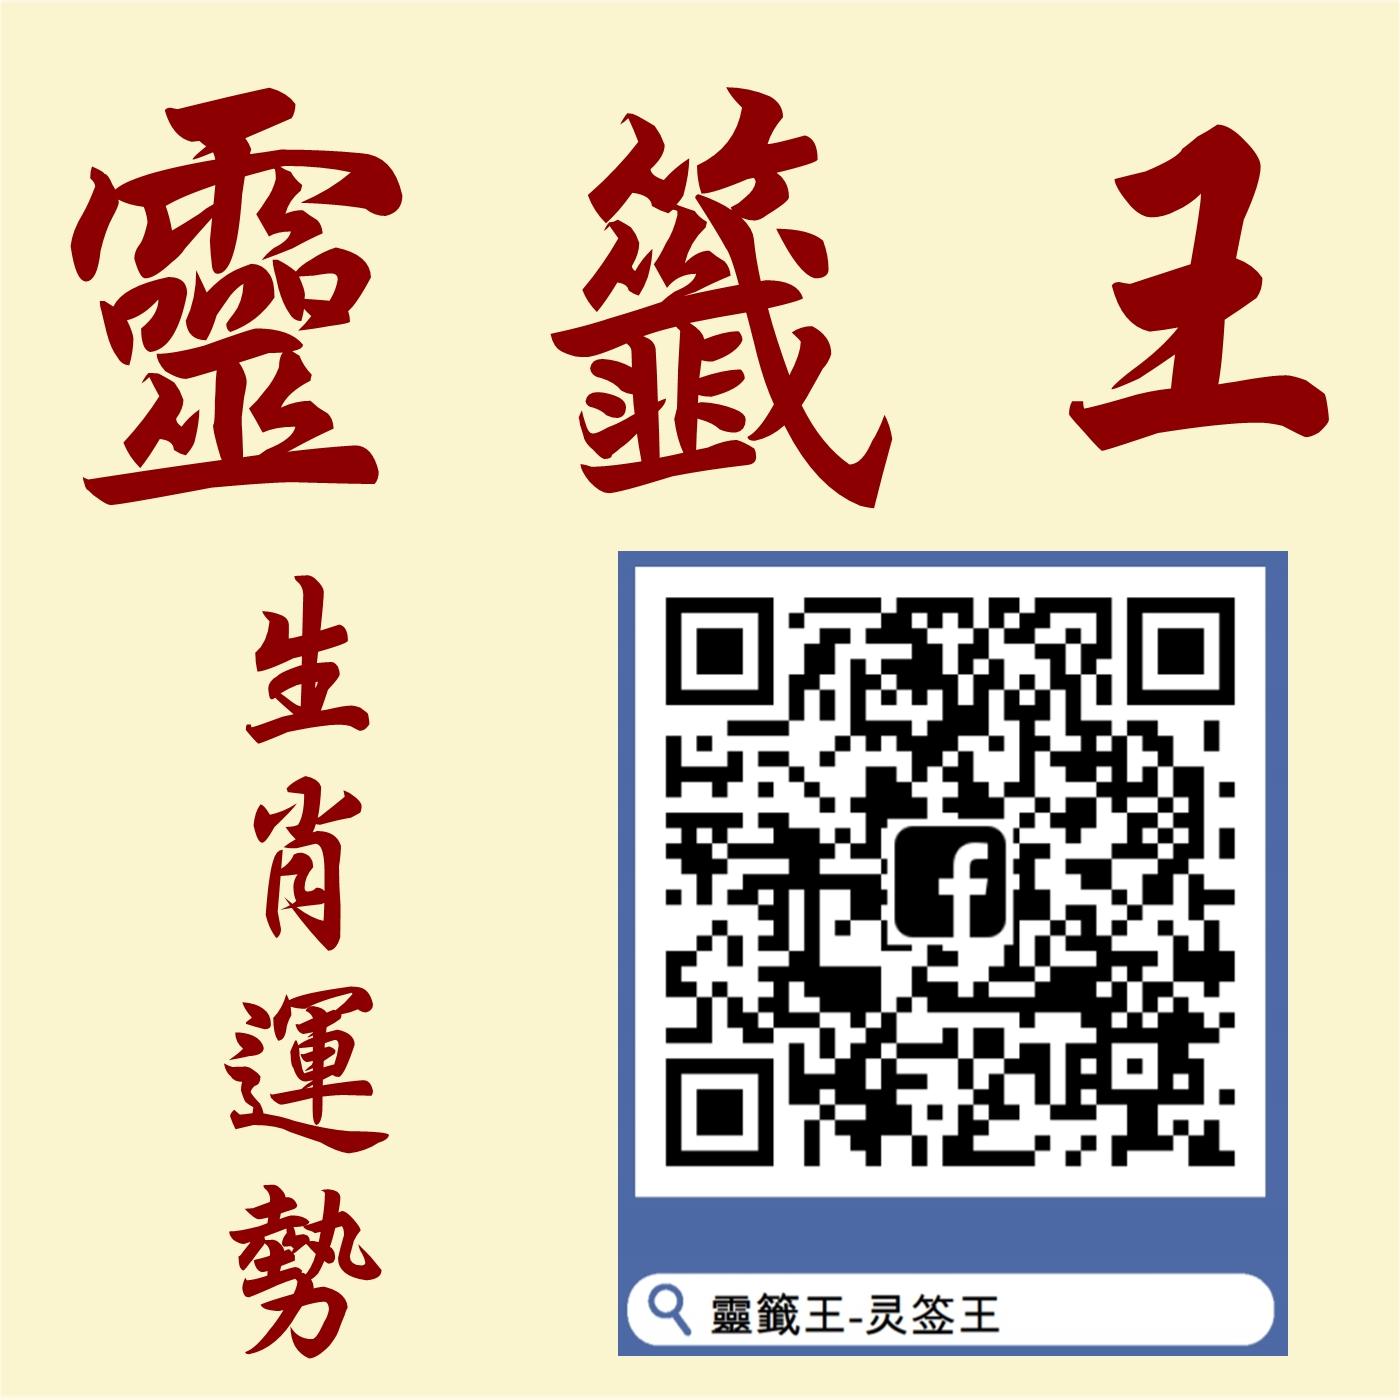 中秋節後生肖運勢(猴雞)20200925